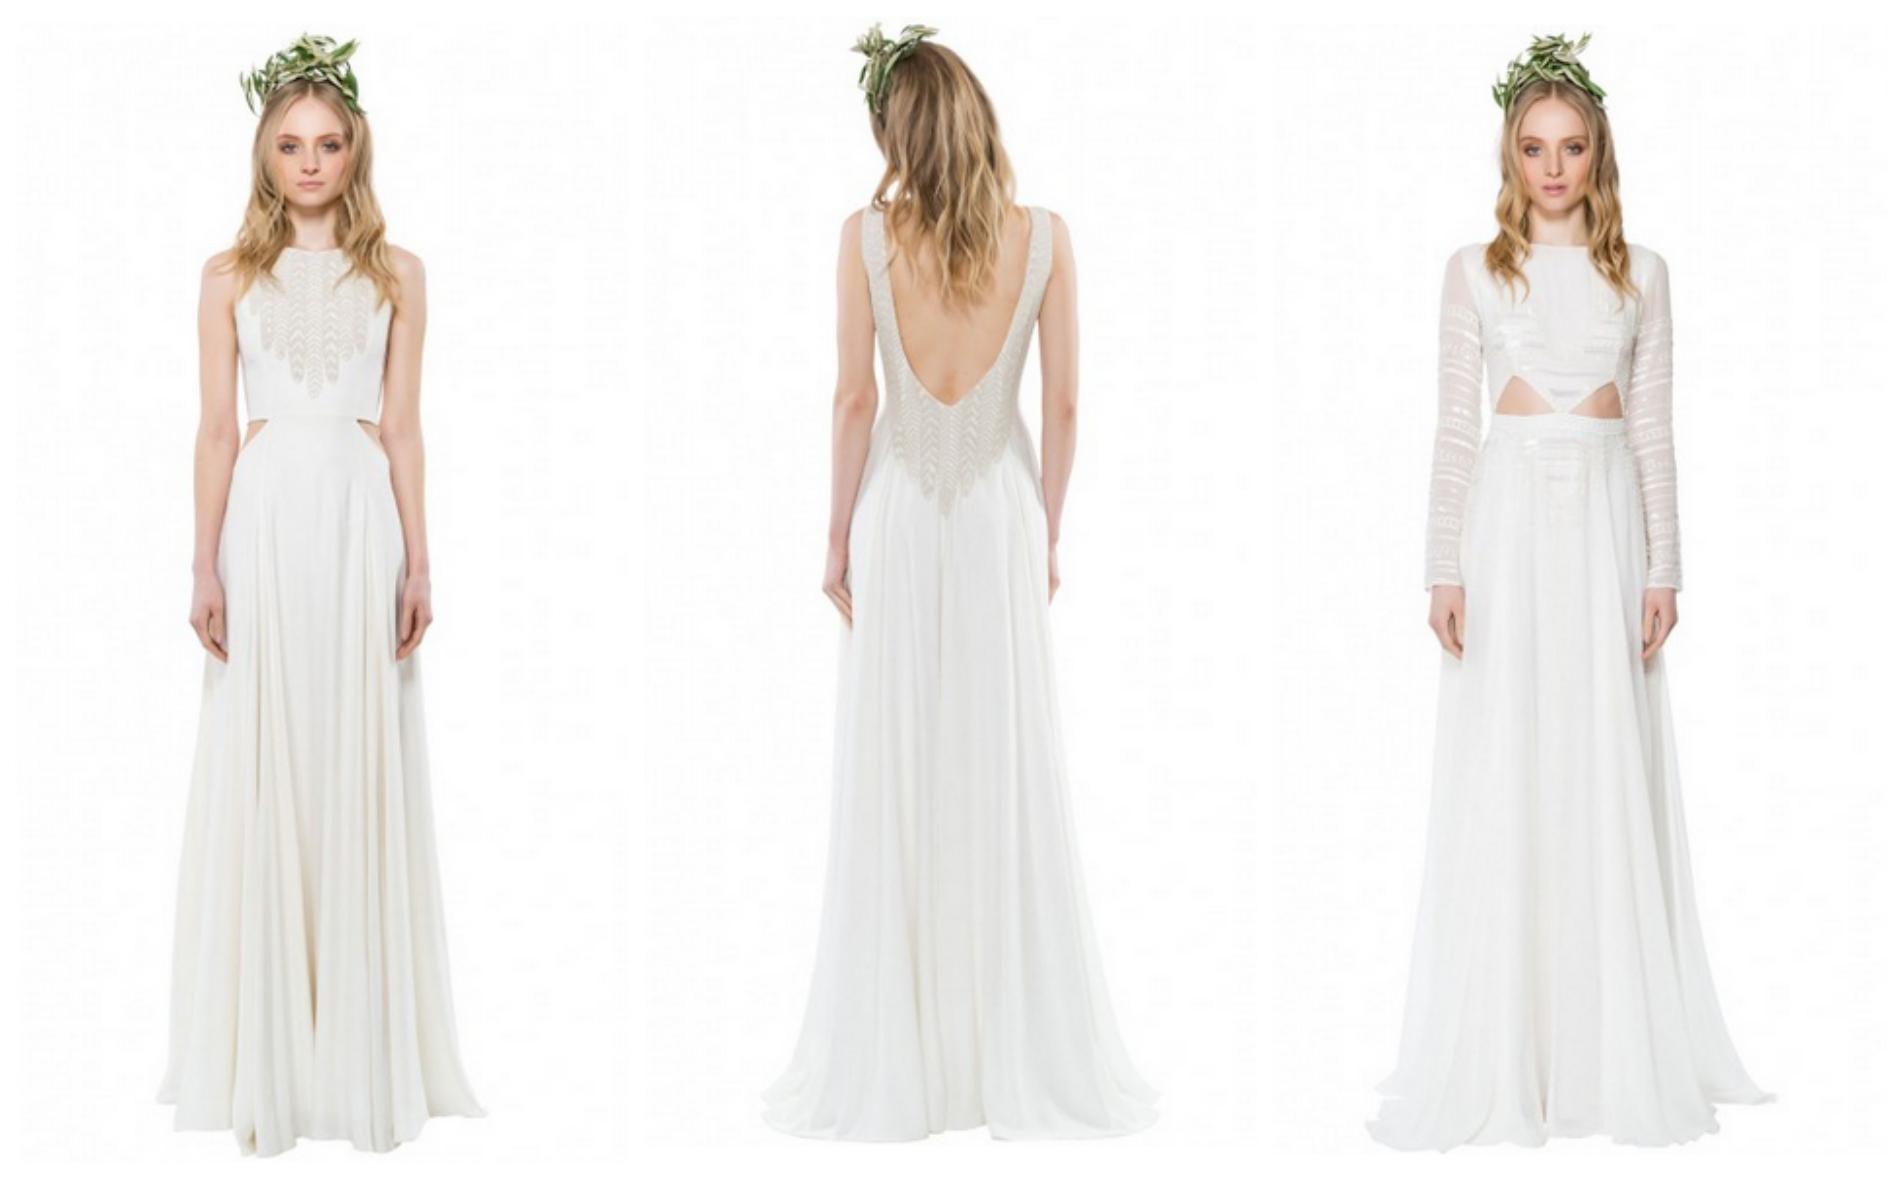 Cum sa ne alegem rochia perfecta?